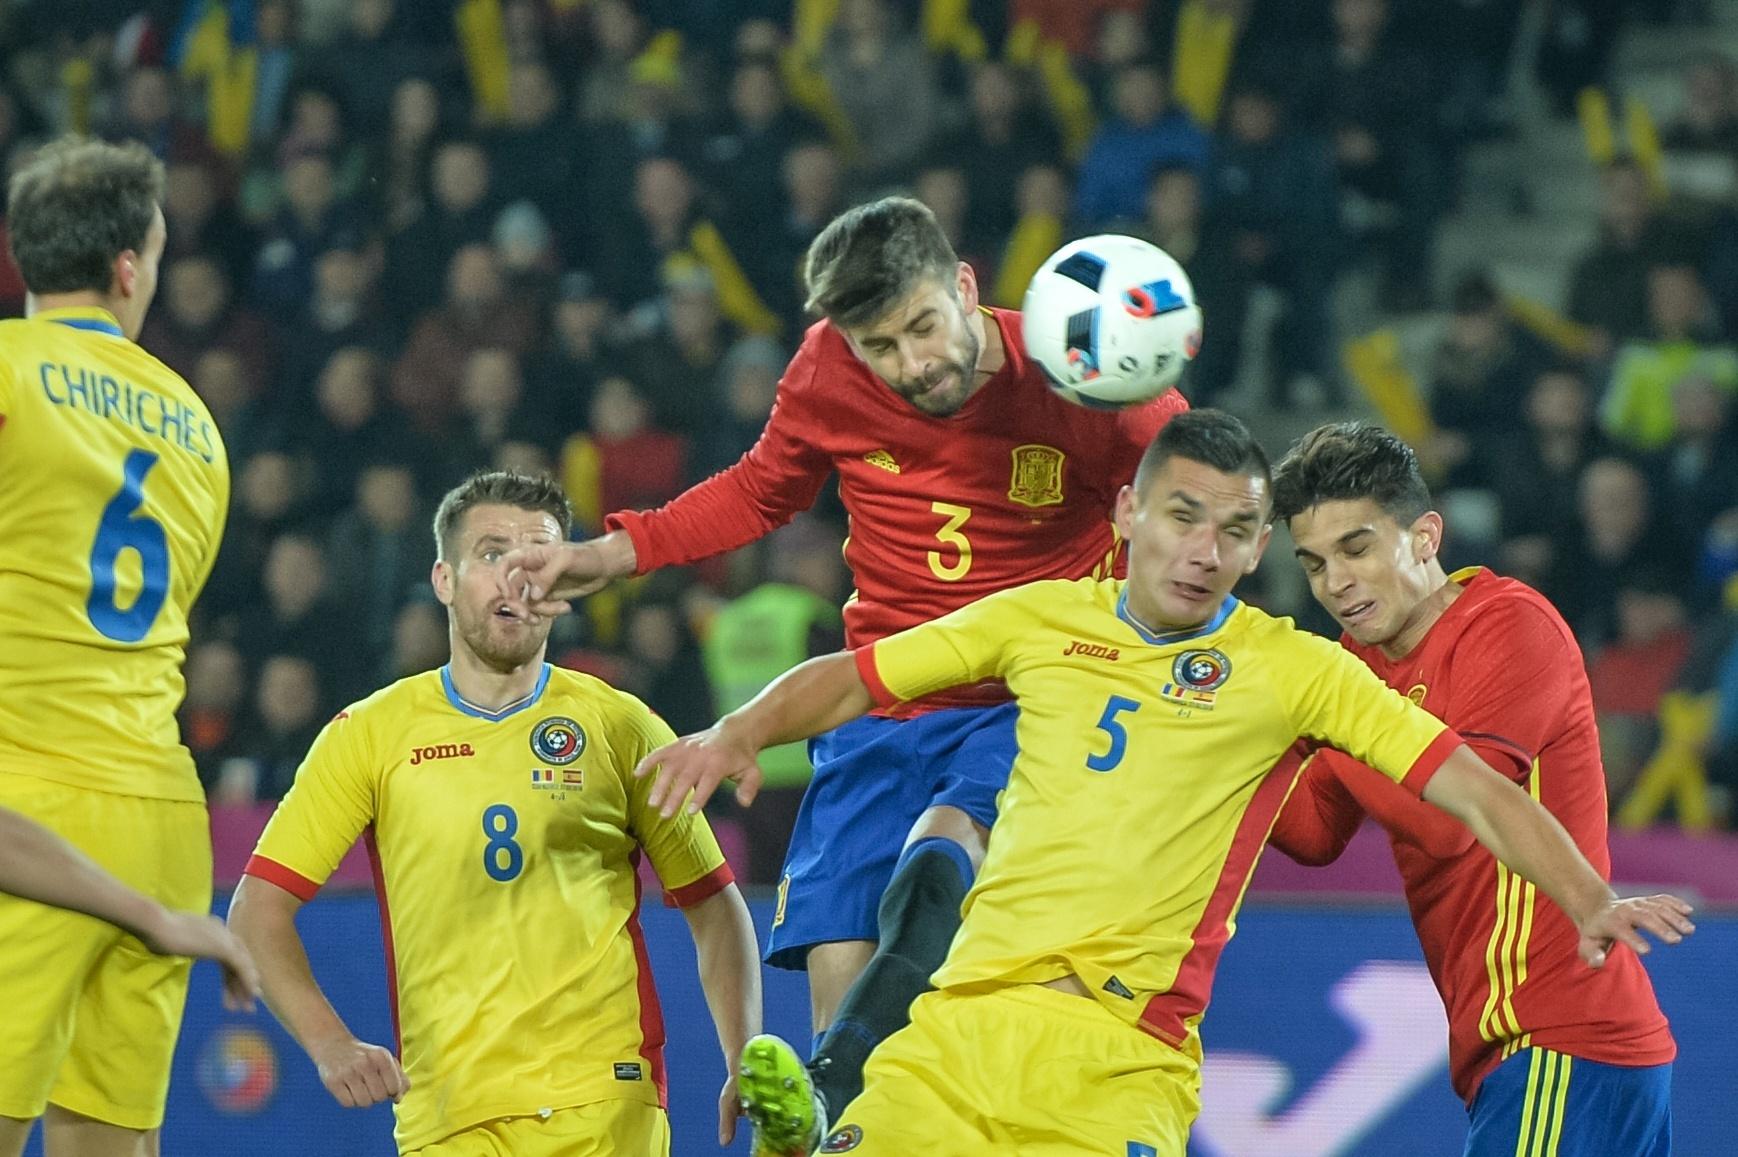 Piqué é convocado para a Espanha em meio a polêmica  Diego Costa segue fora  - 29 09 2017 - UOL Esporte ce1c66593e00a